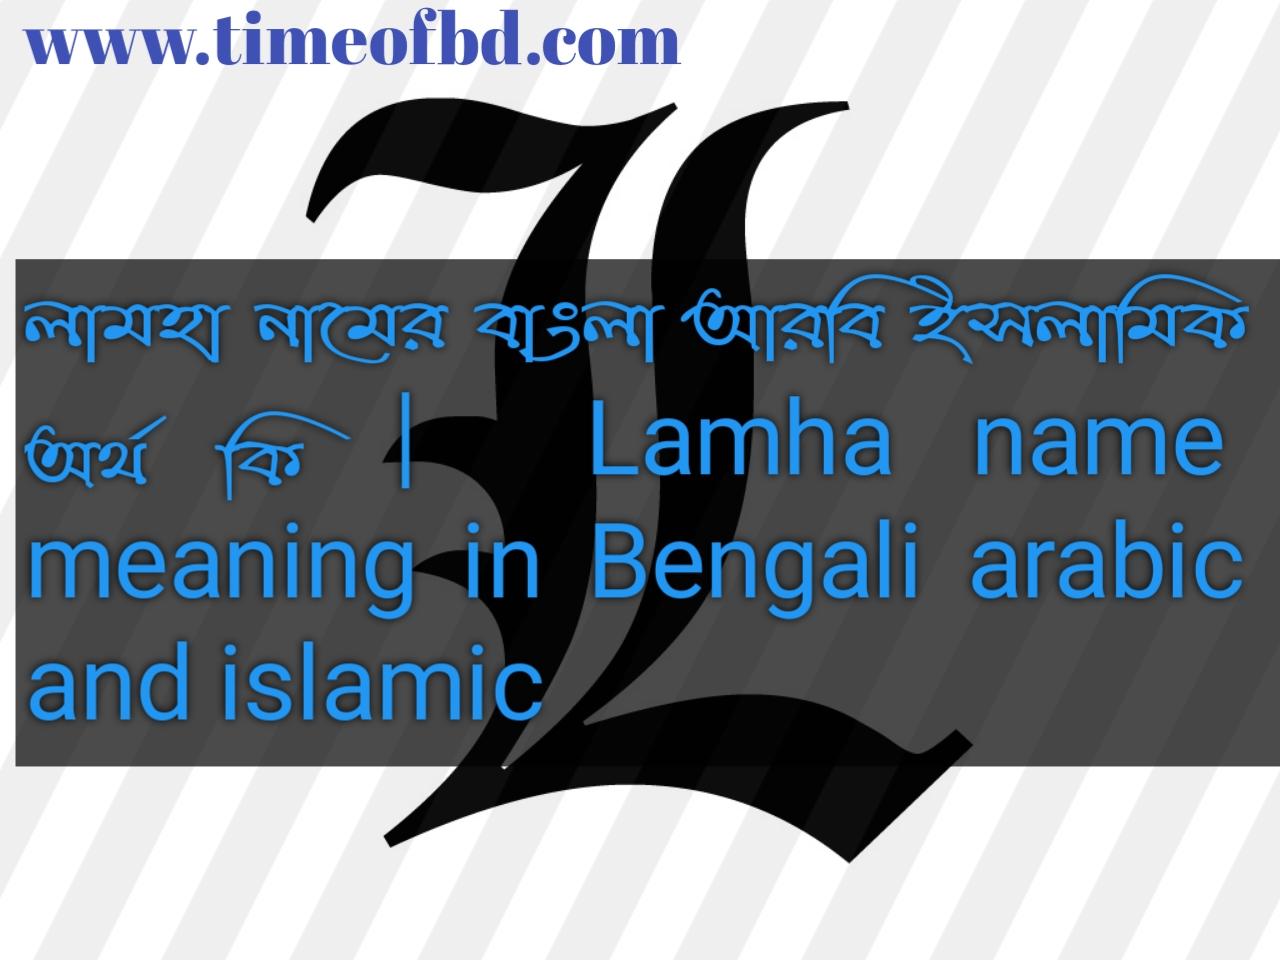 লামহা নামের অর্থ কি, লামহা নামের বাংলা অর্থ কি, লামহা নামের ইসলামিক অর্থ কি, Lamha name in Bengali, লামহা কি ইসলামিক নাম,